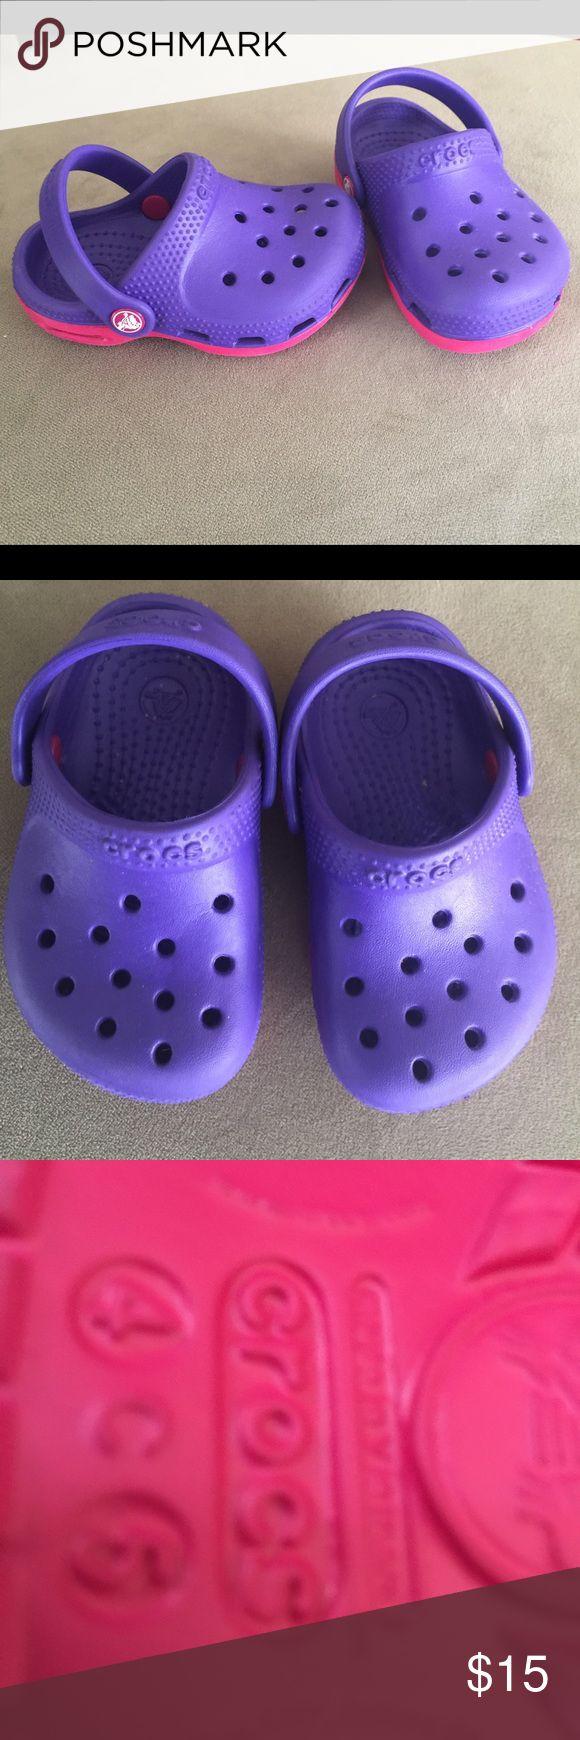 Toddler crocs size 3/4 Toddler crocs size 3/4 crocs Shoes Mules & Clogs